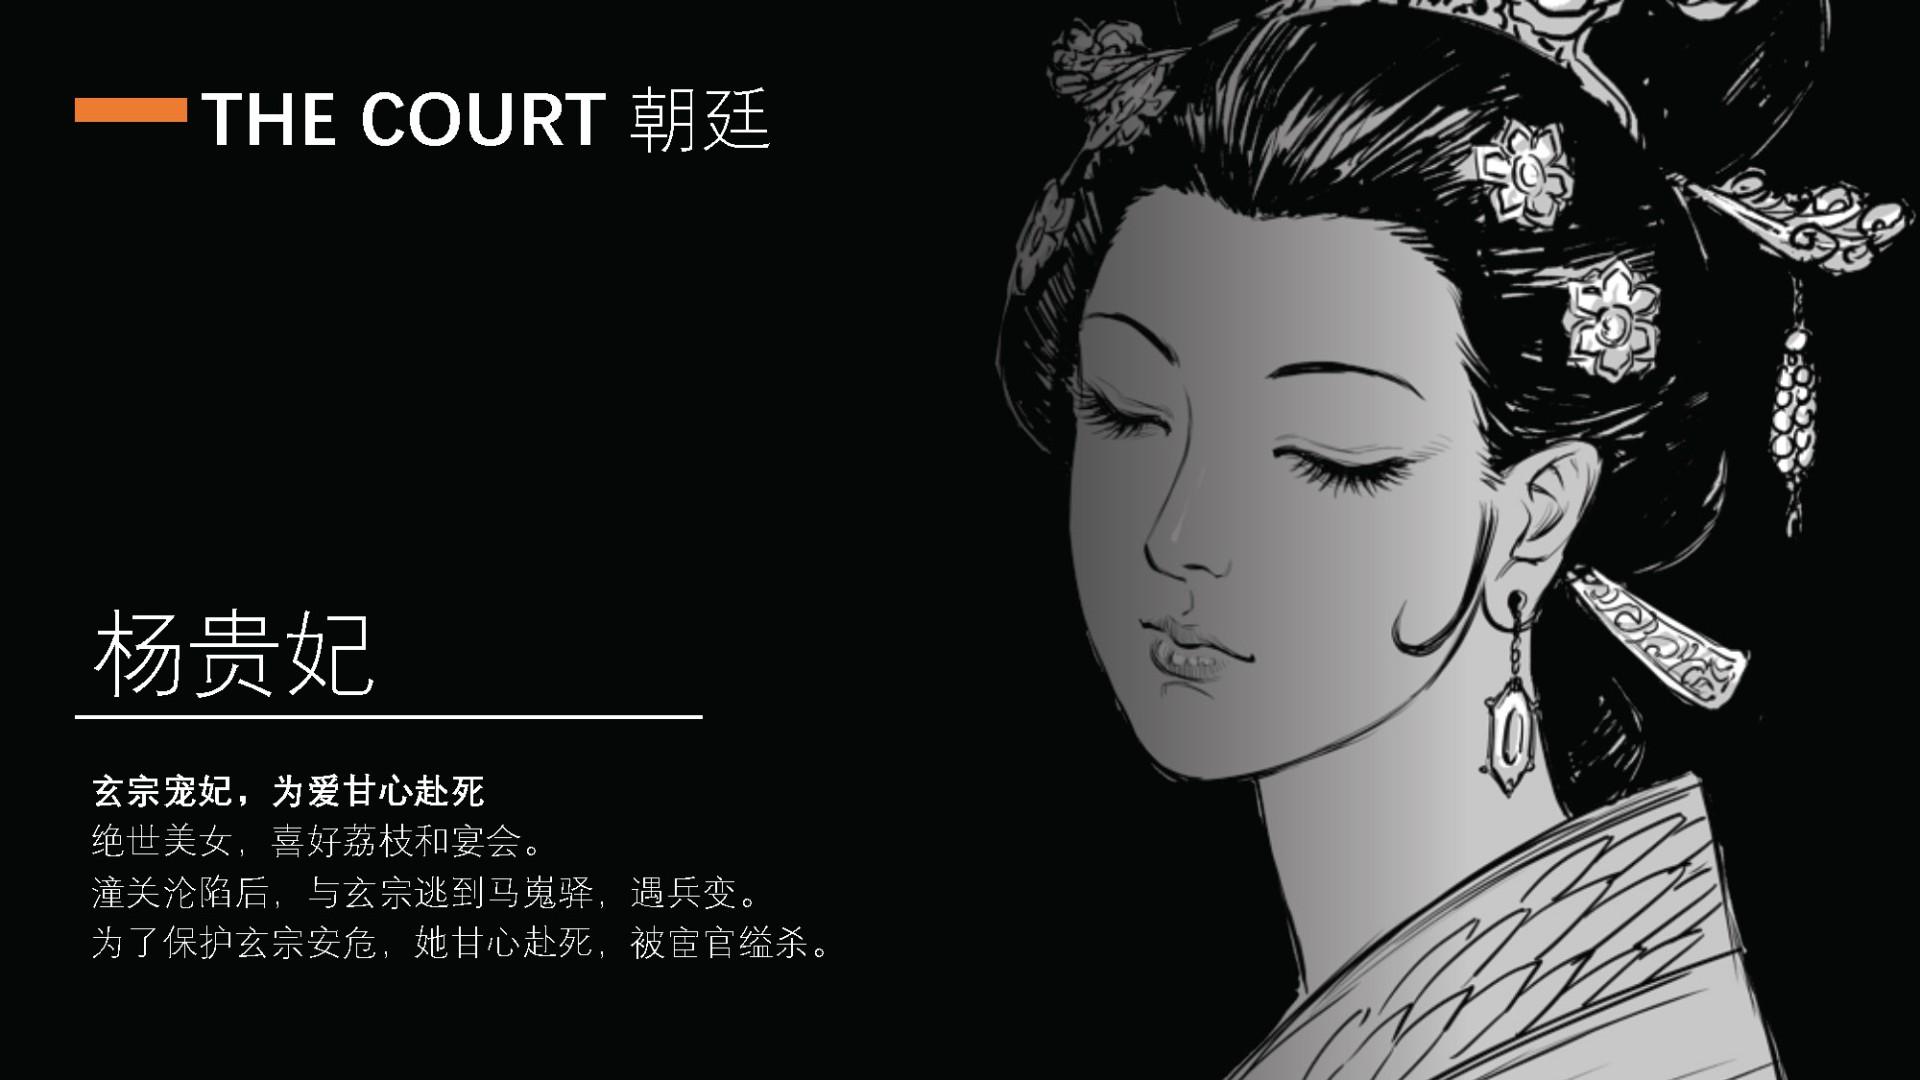 《刺客信条:王朝》漫画公布 以中国盛唐被背景